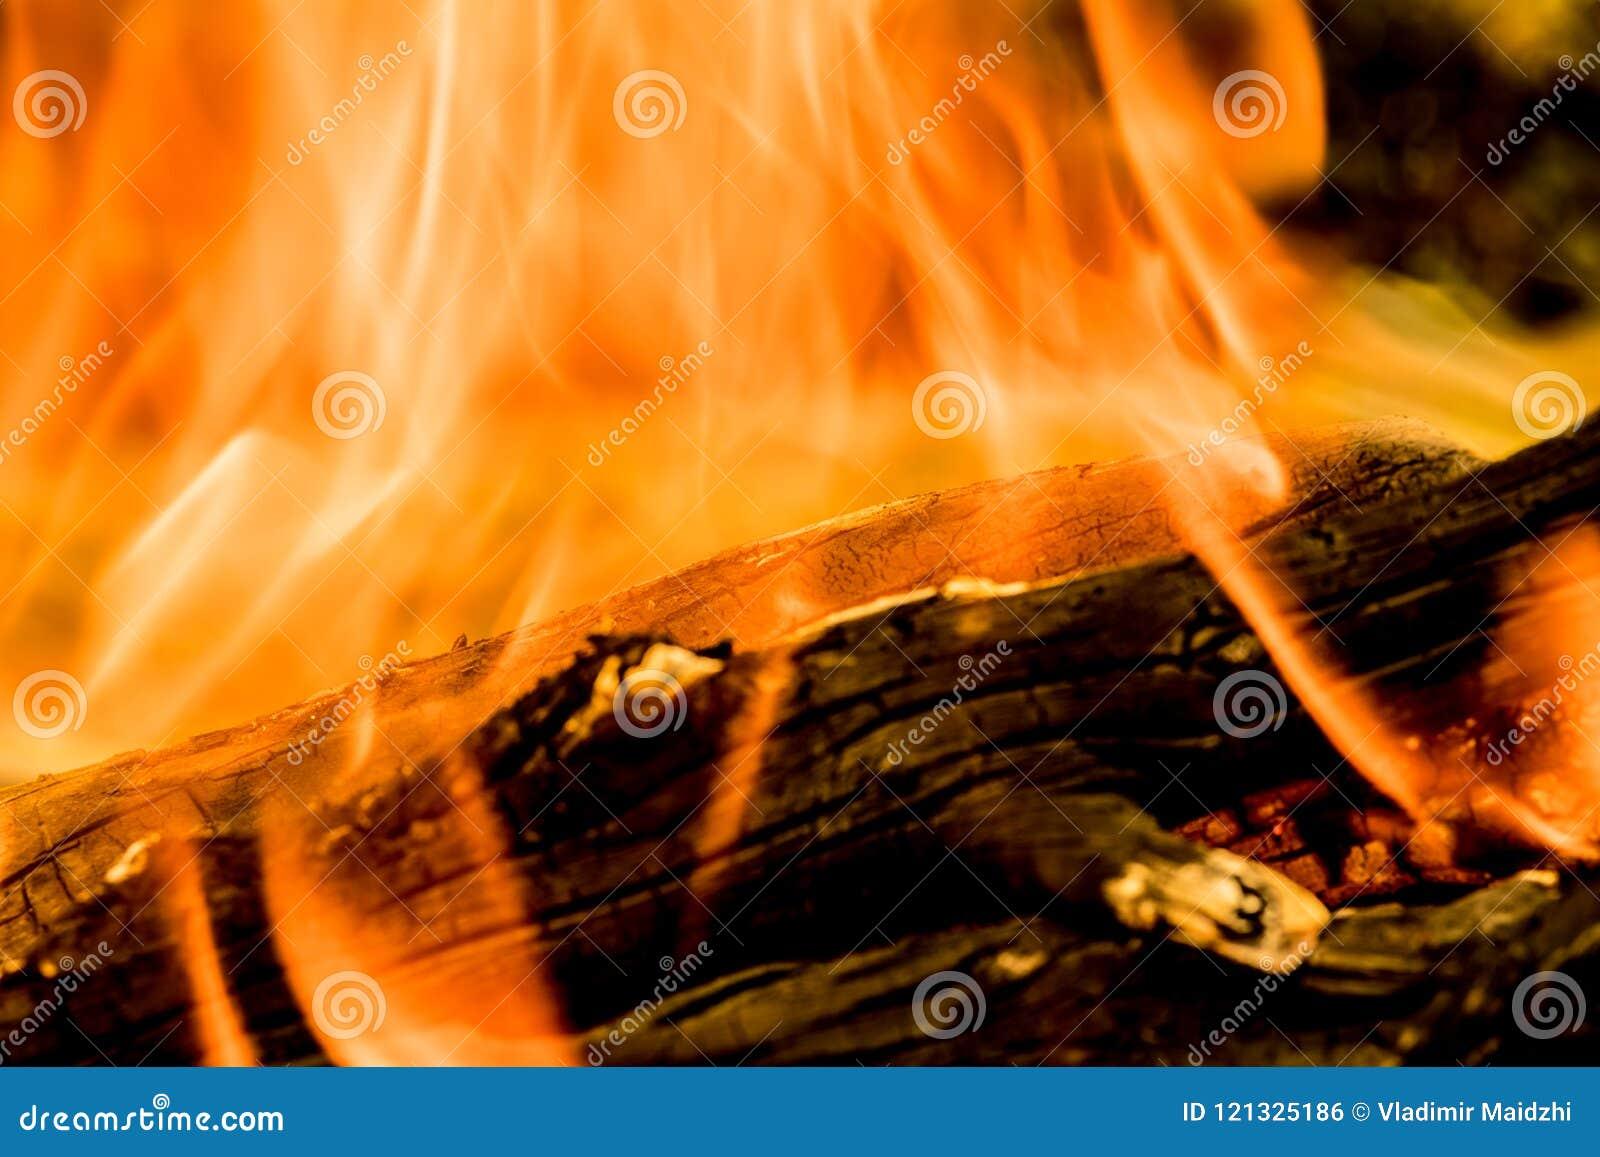 灼烧的火、烟、木头、灰和煤炭背景或纹理